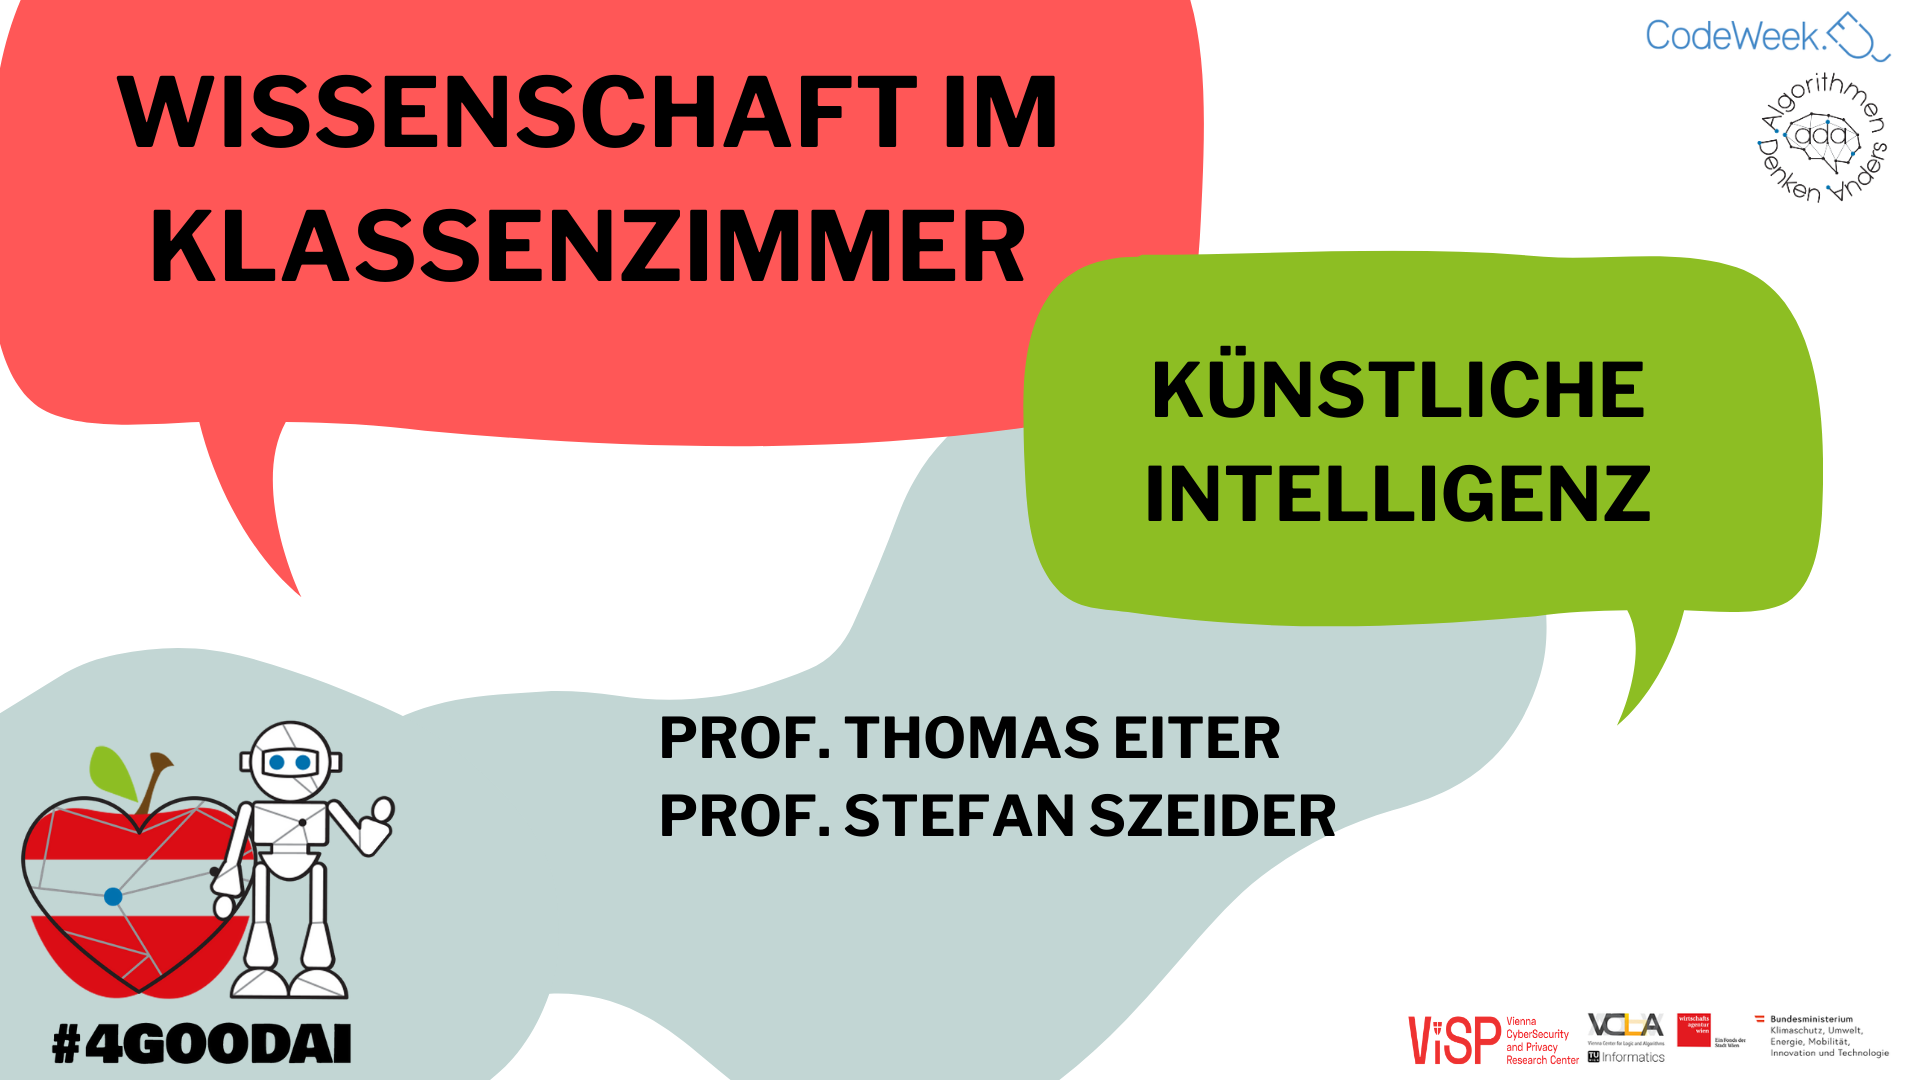 Aufzeichnung: Wissenschaft im Klassenzimmer mit harten Fakten über die künstliche Intelligenz